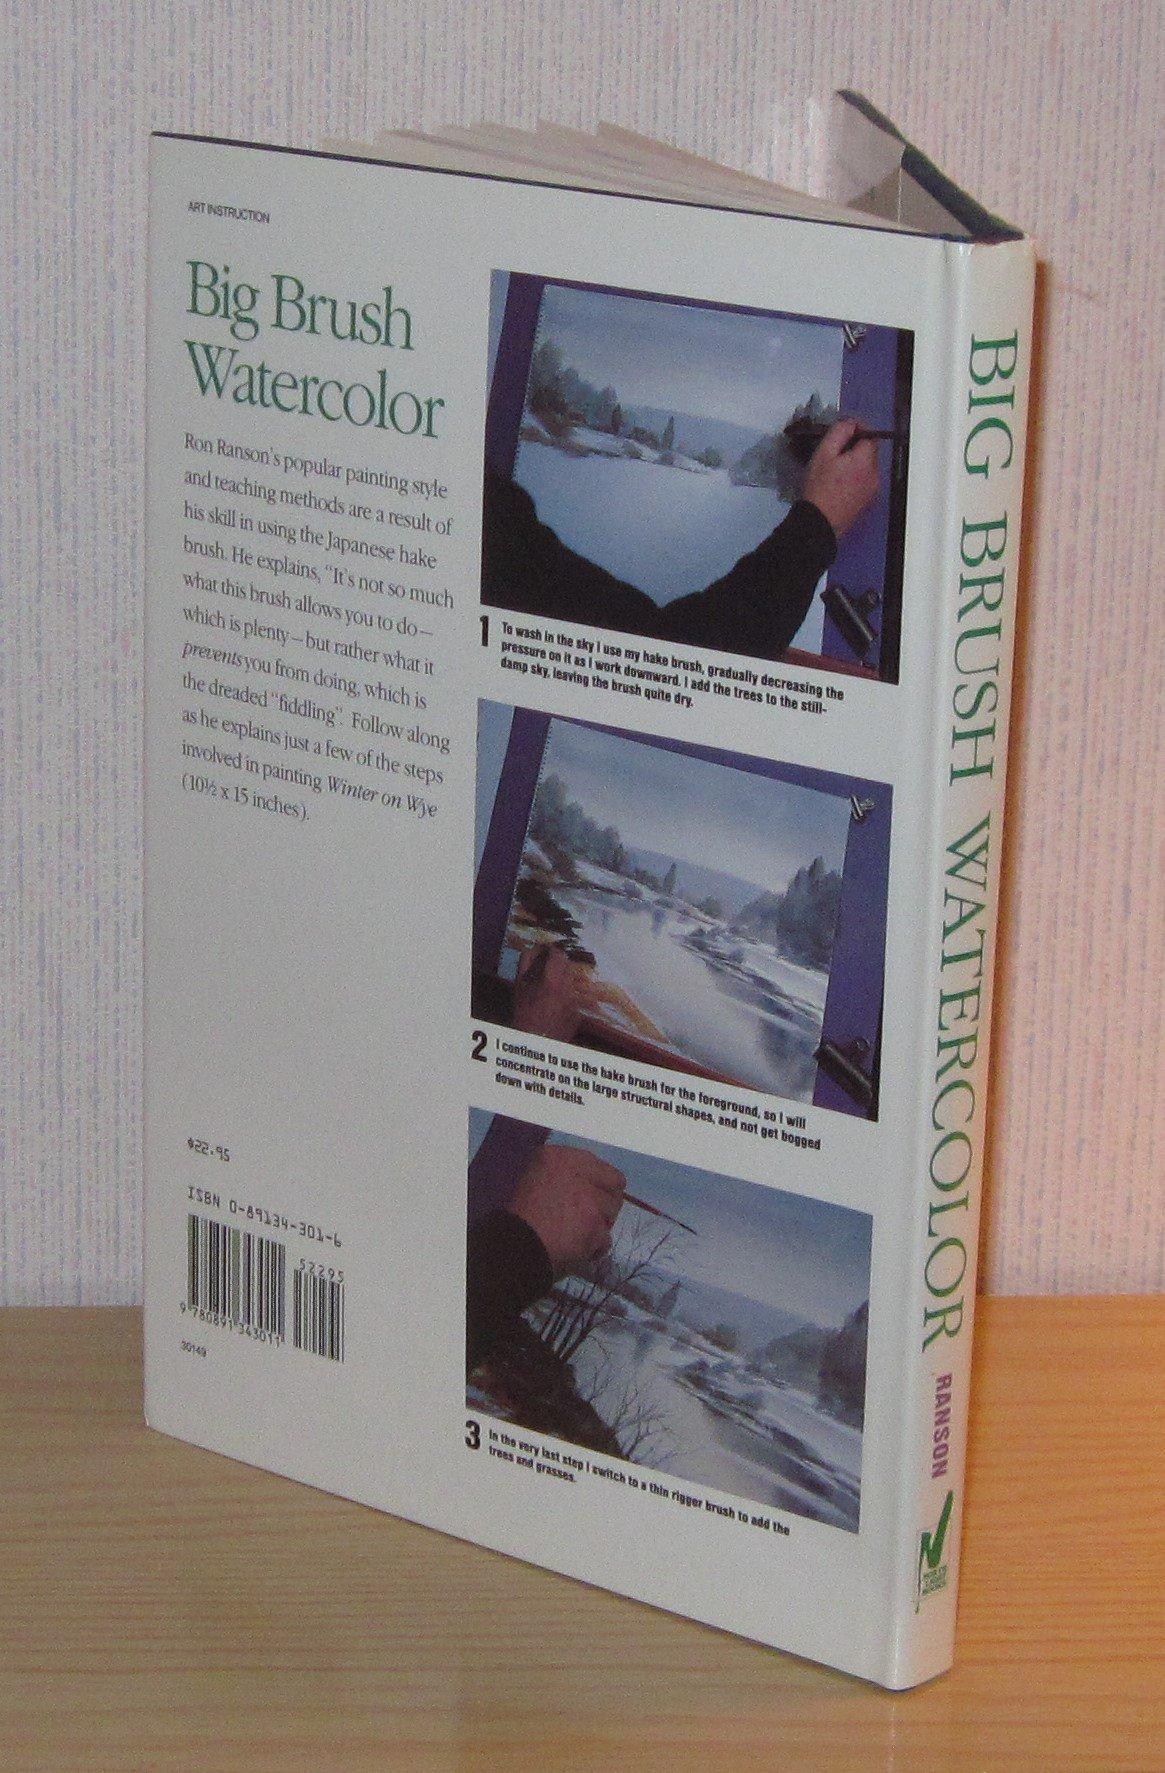 Title: Big Brush Watercolor: Amazon.es: Ron Ranson: Libros